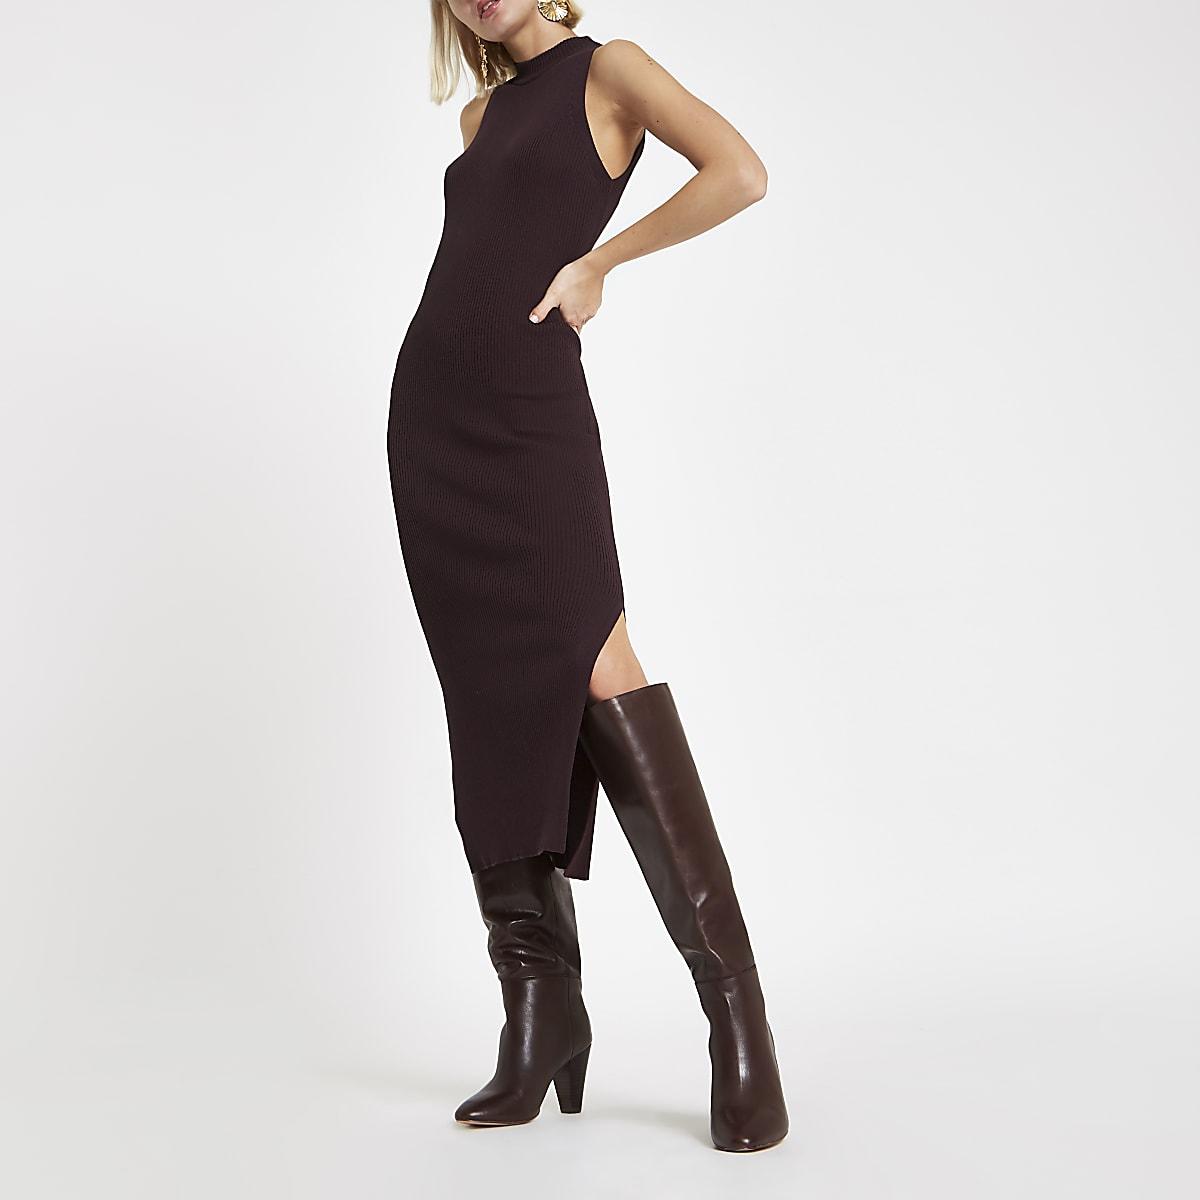 Chocoladebruine geribbelde maxi-jurk met racerhals